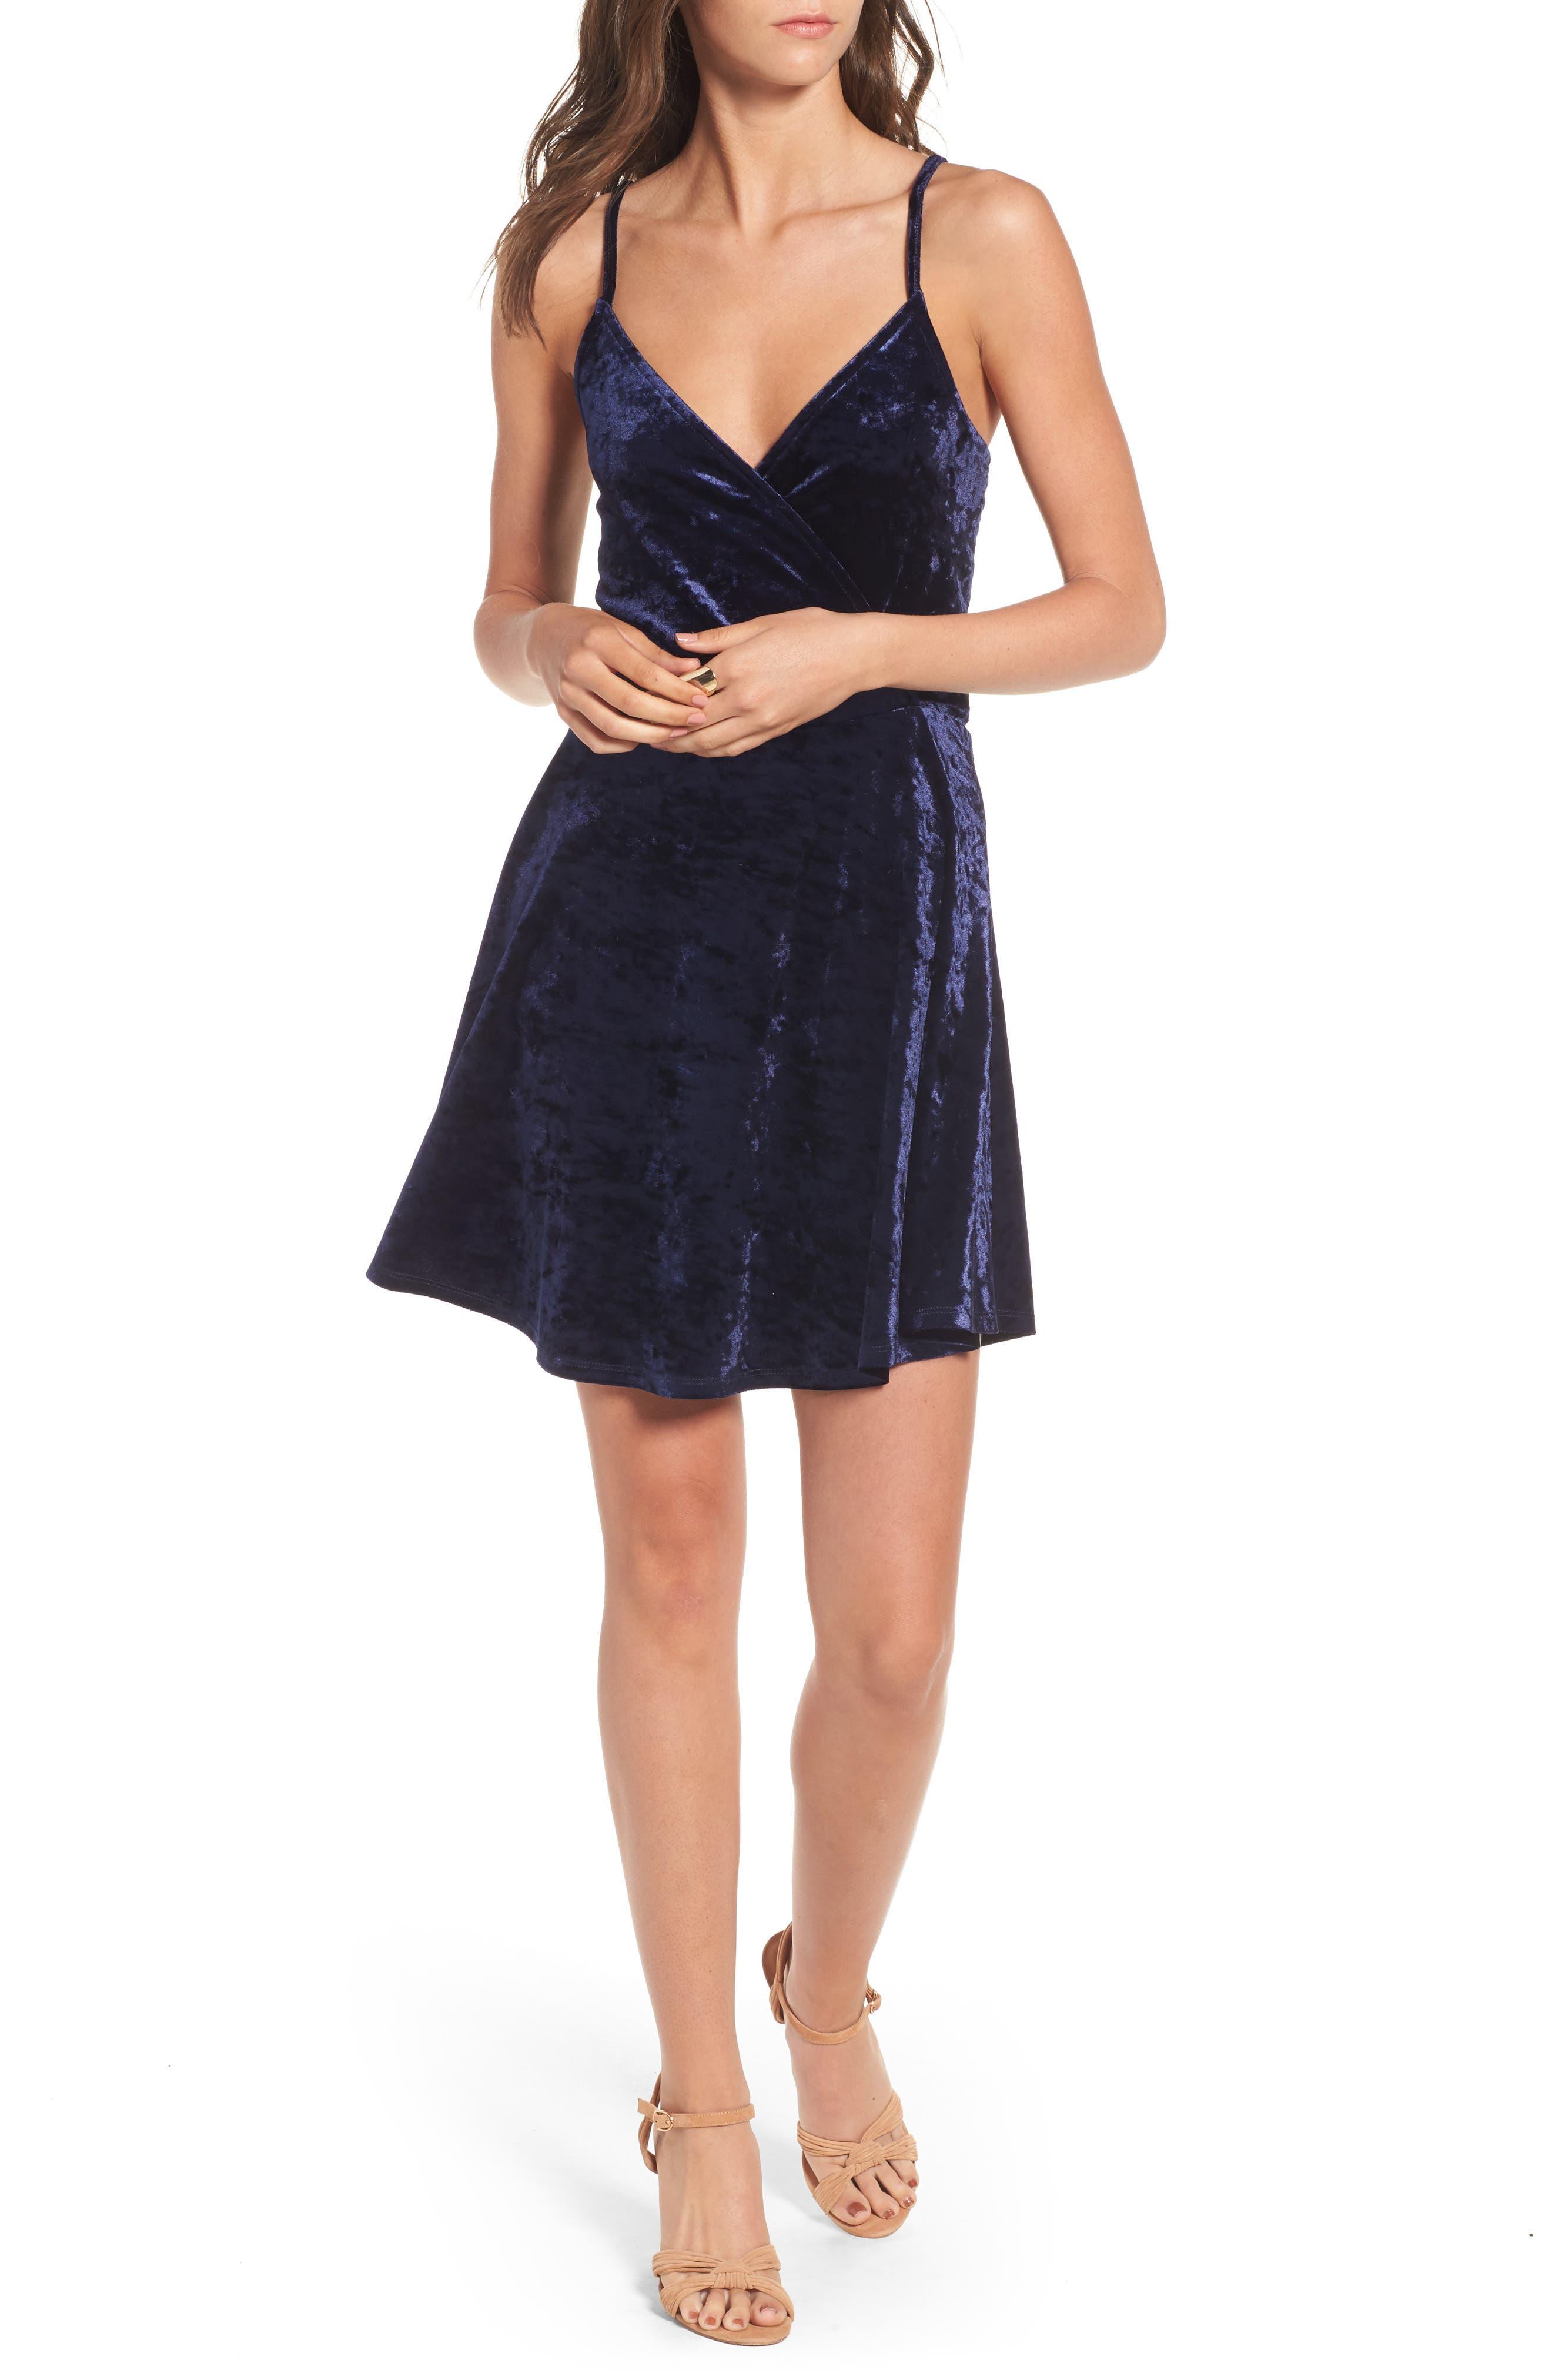 Alternate Image 1 Selected - Love, Fire Velvet Surplice Dress